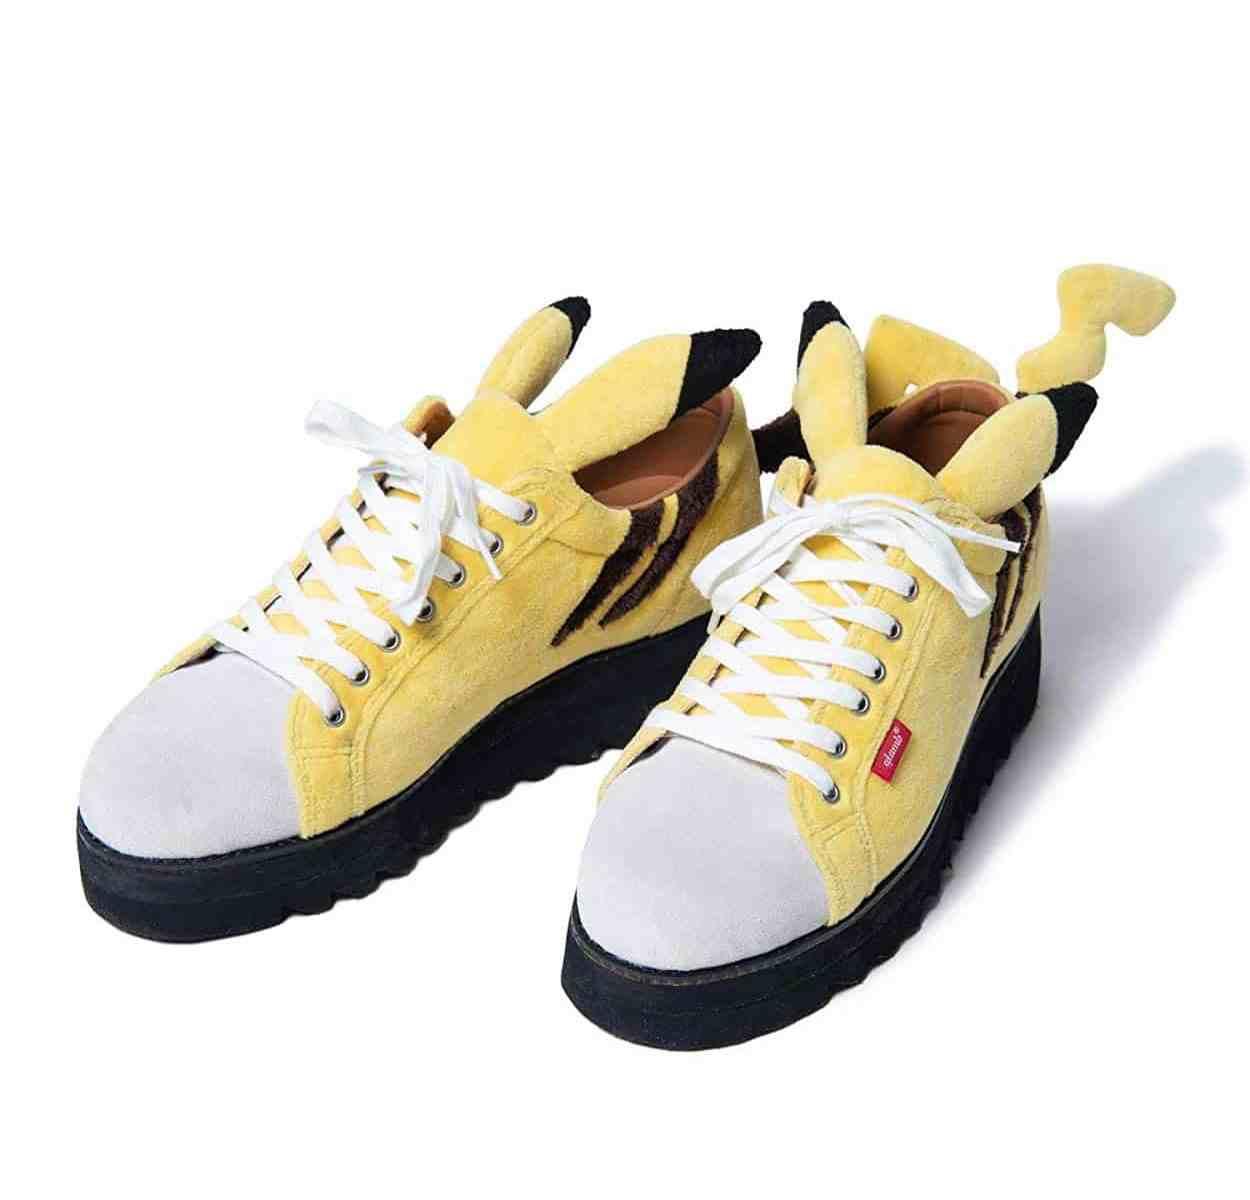 (グラム) glamb Pikachu sneakers/ピカチュウスニーカー GB0119/PK20